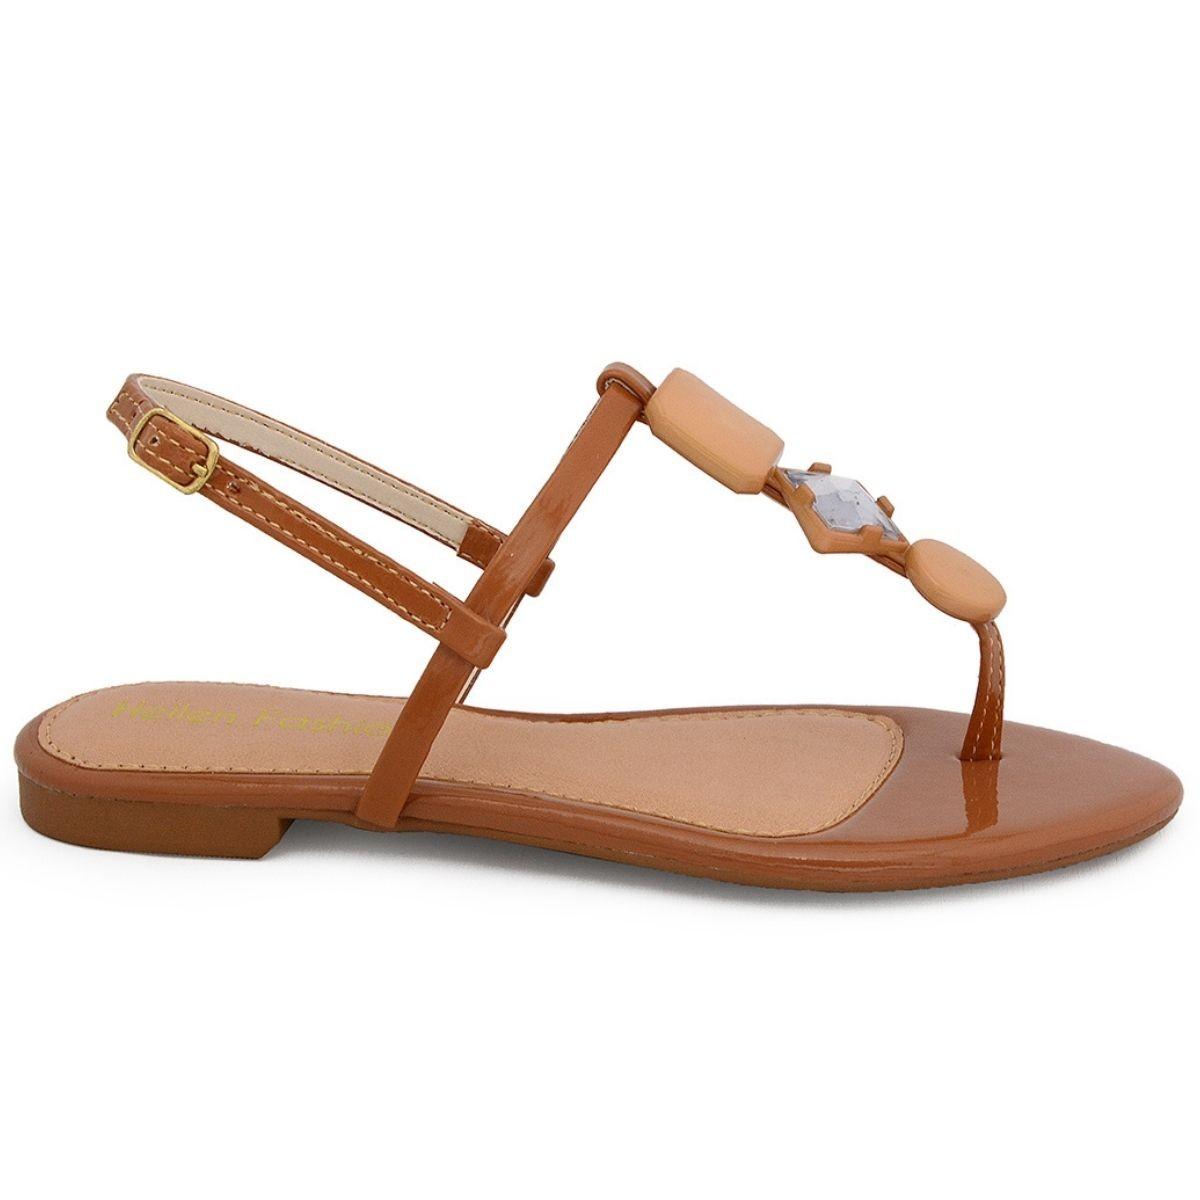 Sandália Rasteirinha Feminina Flat ABS Caramelo